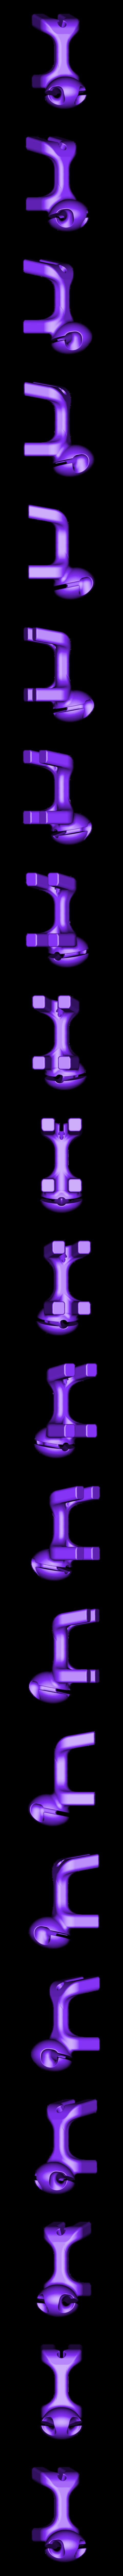 dog_hp_f.stl Download free STL file Dog Helmet holder • 3D printer template, Boxplyer